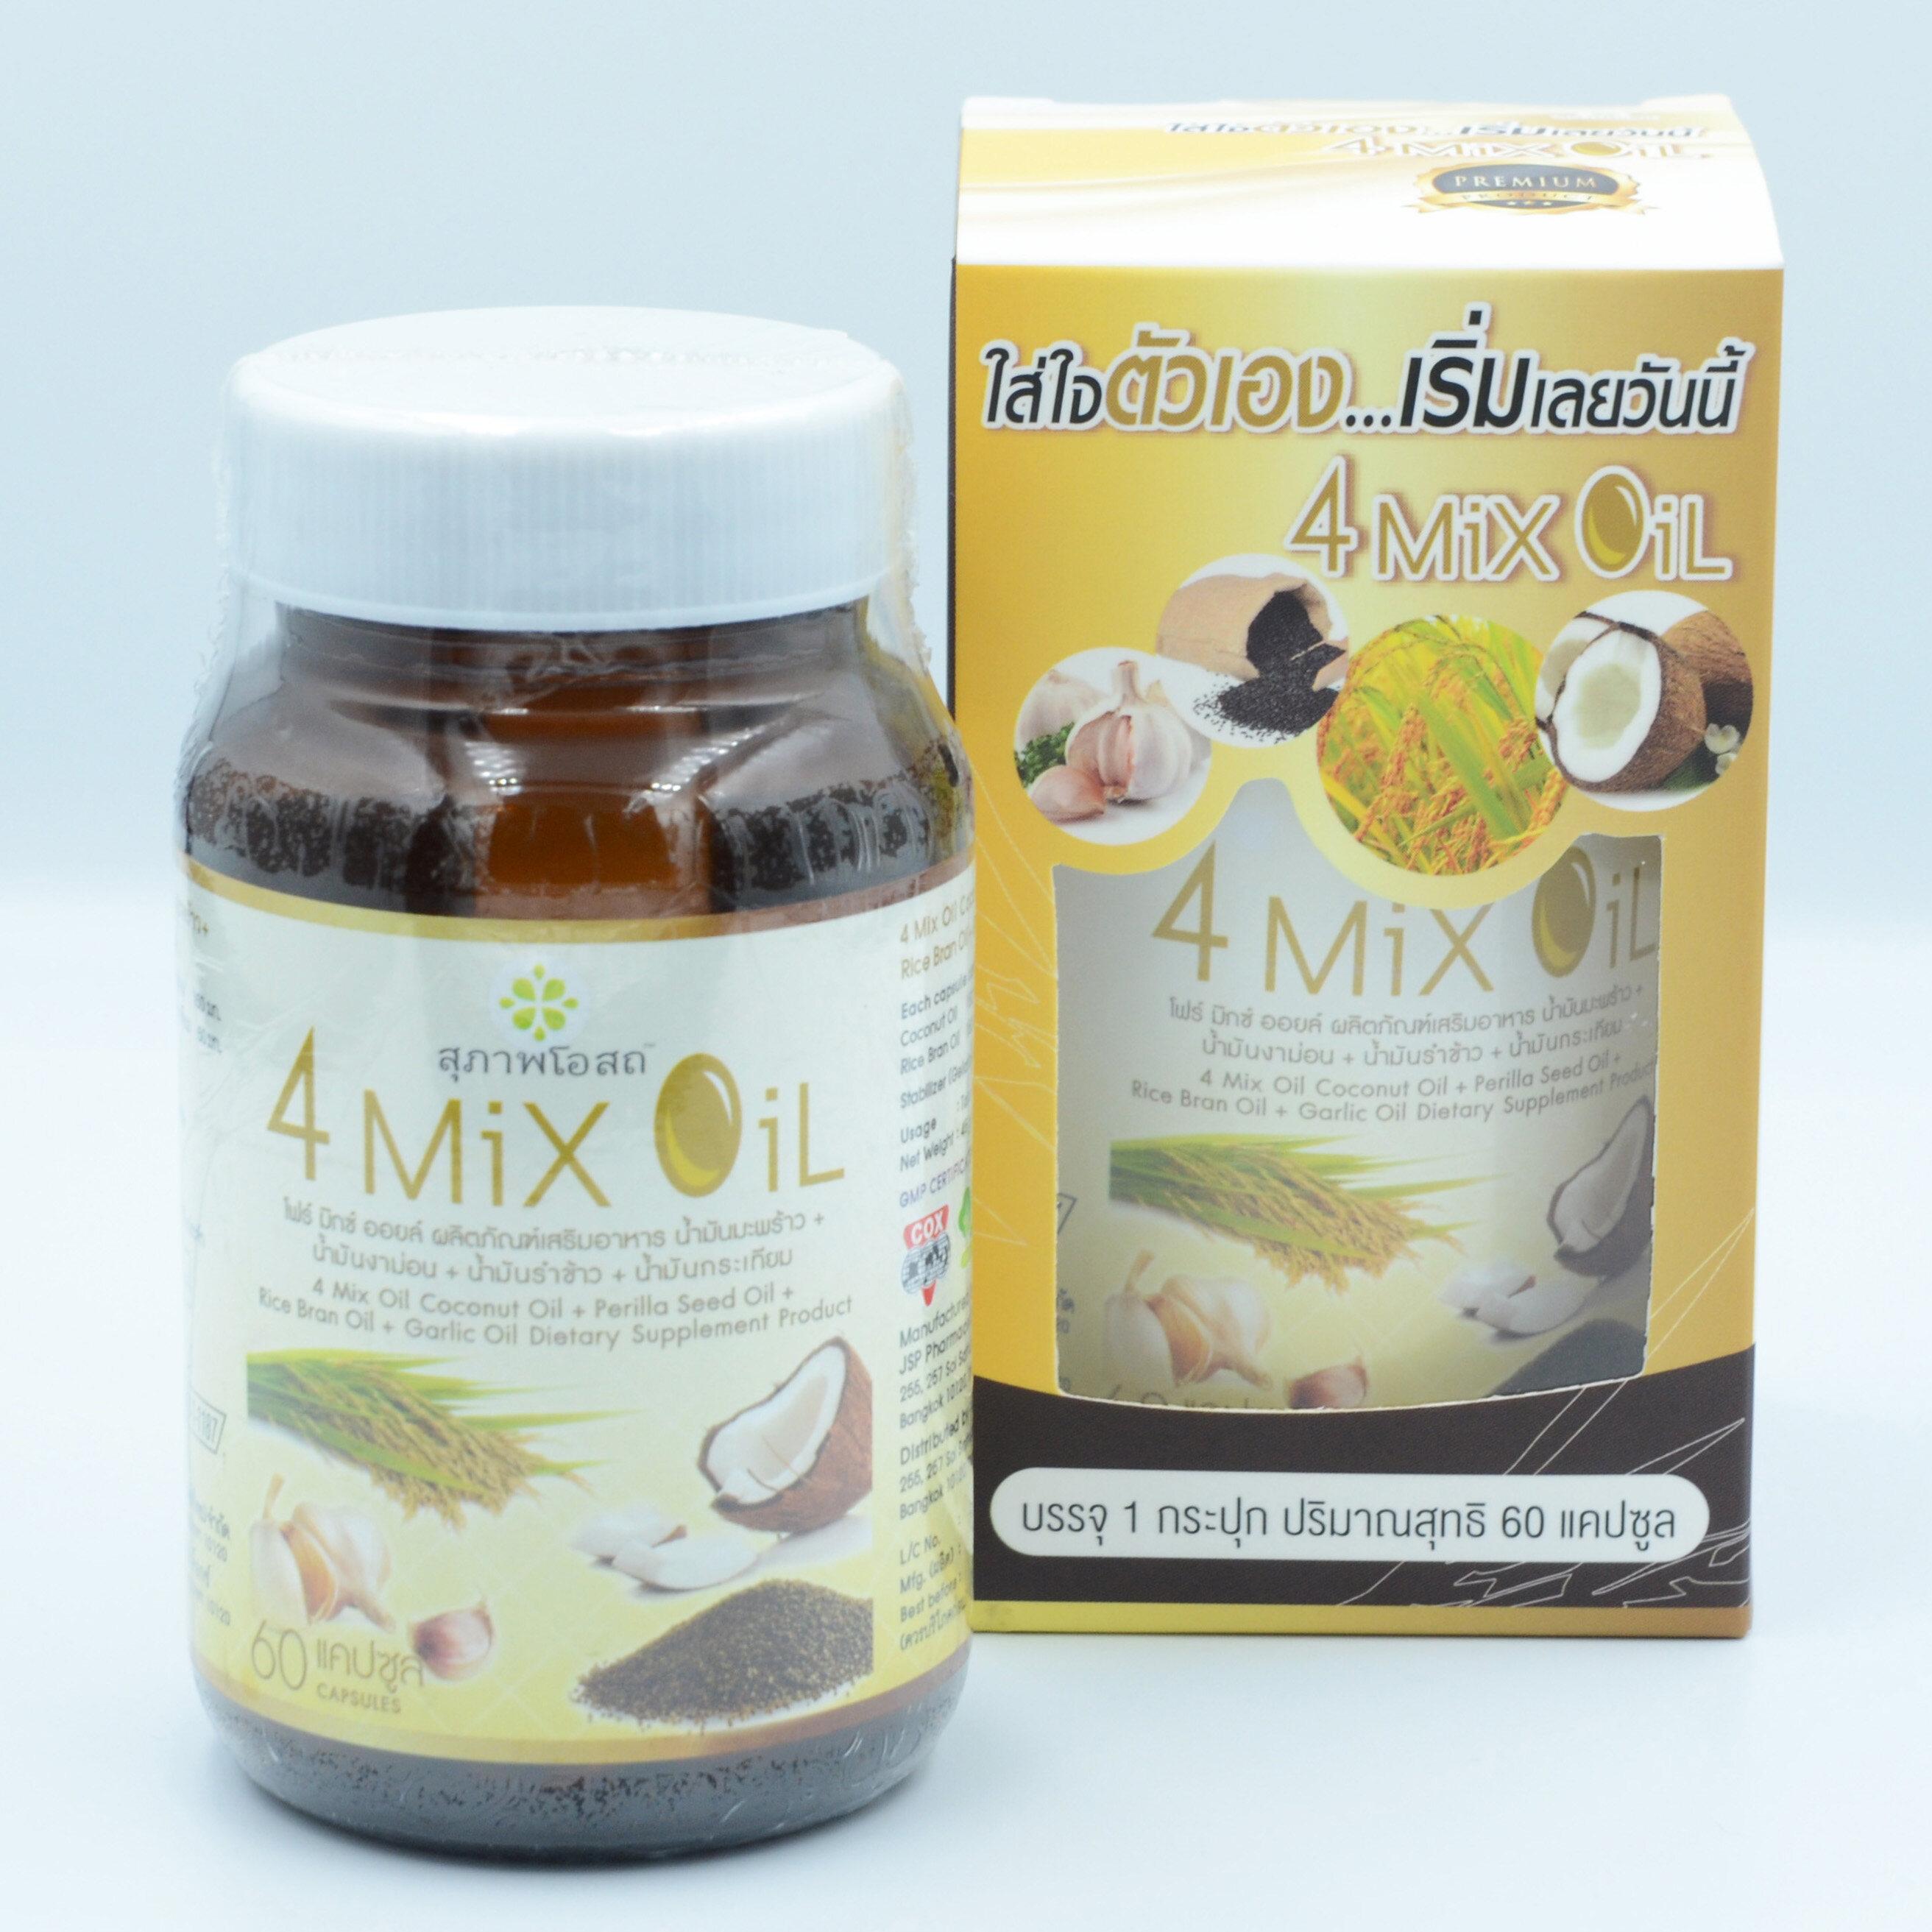 4 MIX OIL น้ำมันสกัดเย็น น้ำมันมะพร้าว น้ำมันงาม่อน น้ำมันรำข้าว น้ำมันกระเทียม 1 กระปุก (60แคปซูล)